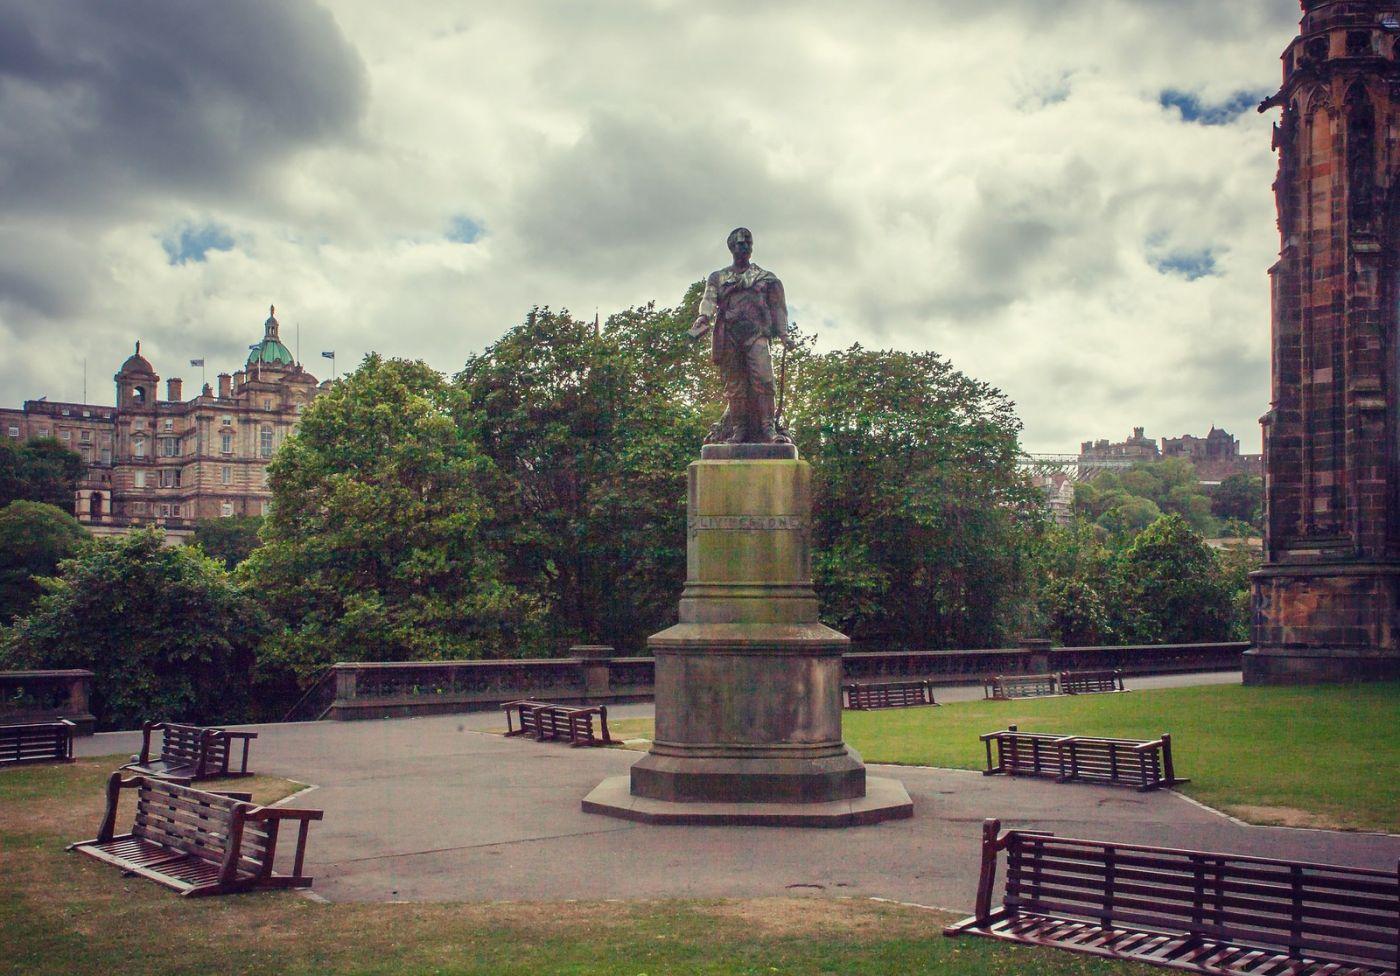 苏格兰爱丁堡,老城市老文化_图1-16